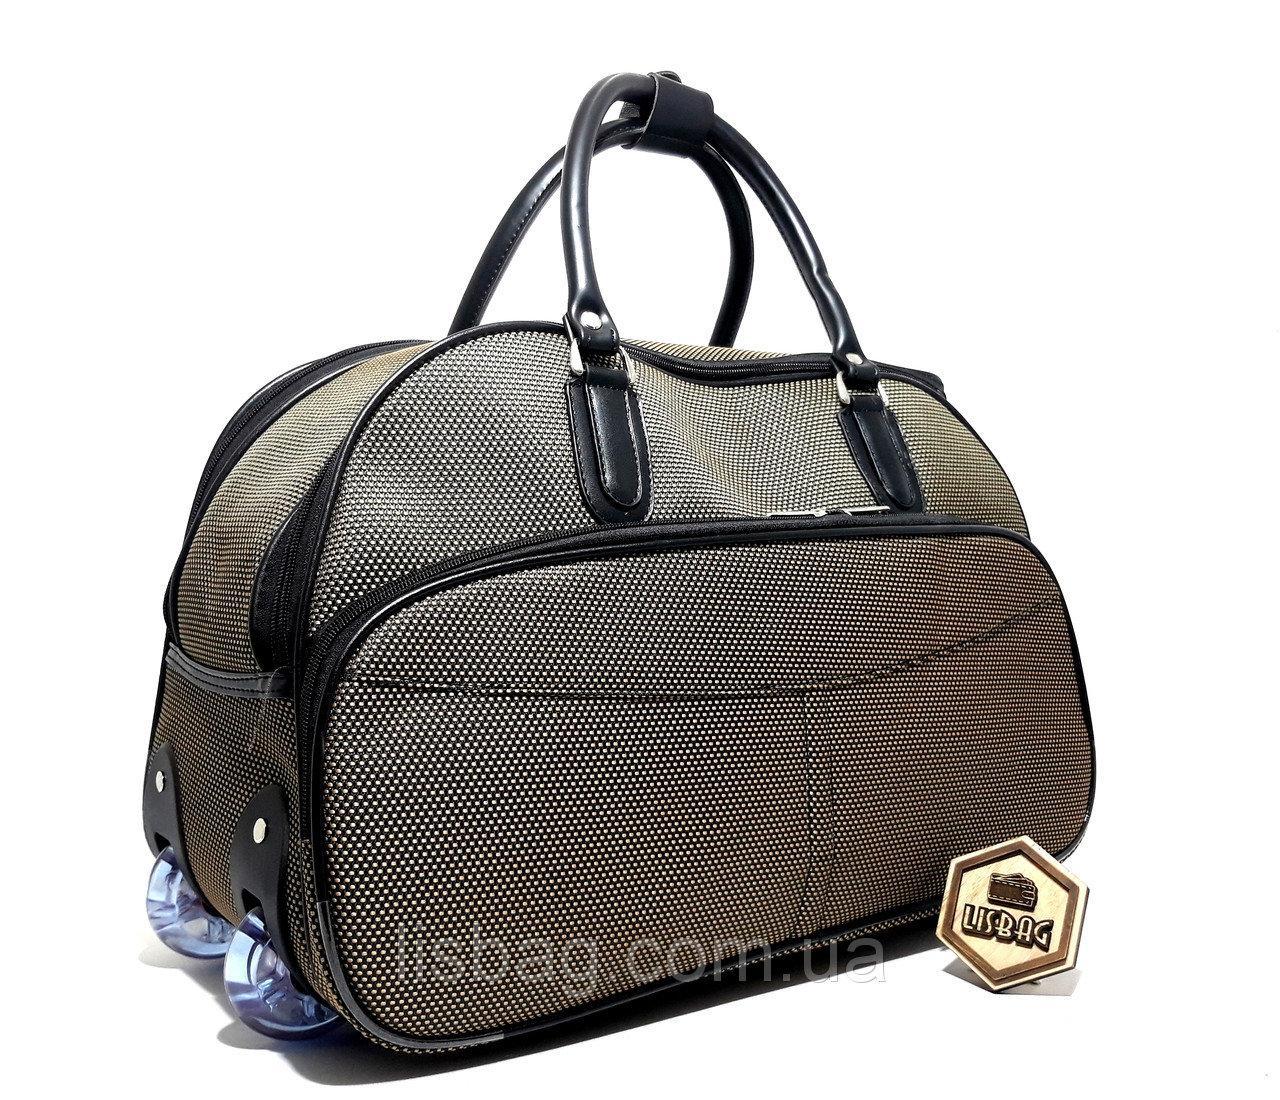 2d3a0ba1c398 Средняя дорожная сумка коричневая X (55л) (54*27*35) чемодан ...